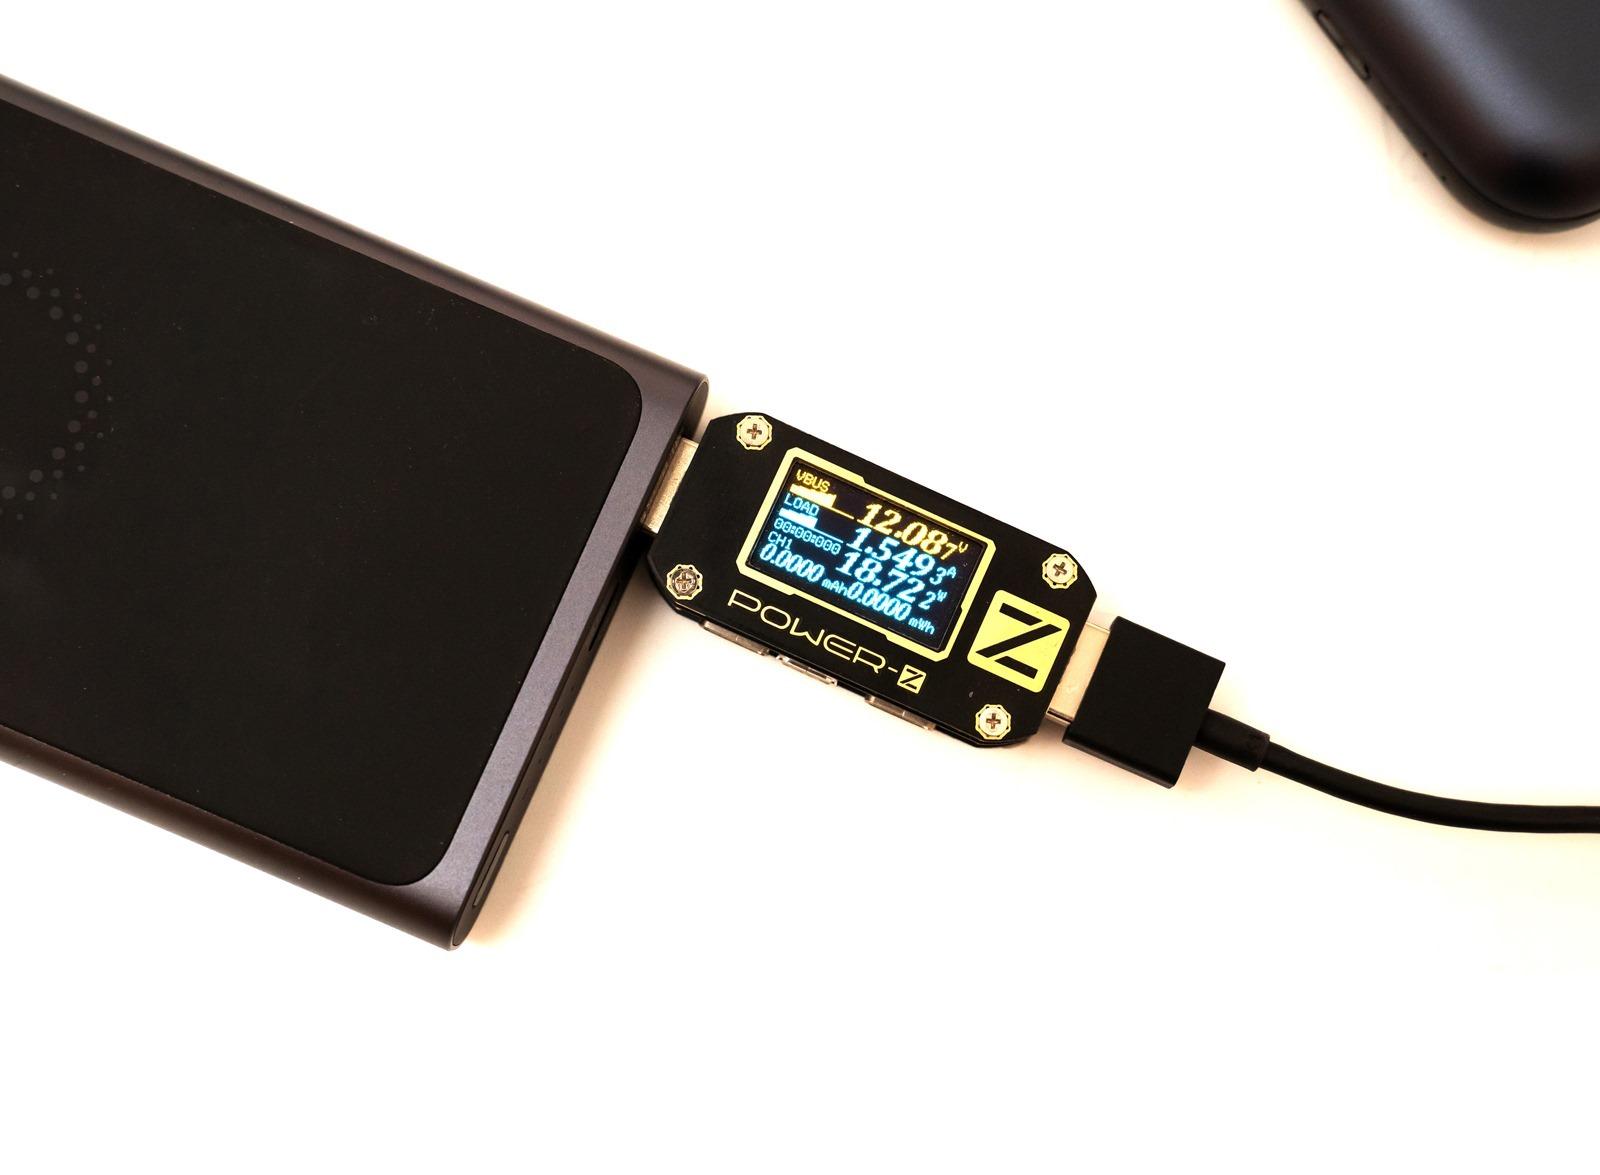 大容量快充無線充電行動電源七百有找!小米行動電源無線版 10000mAh 開箱分享 @3C 達人廖阿輝